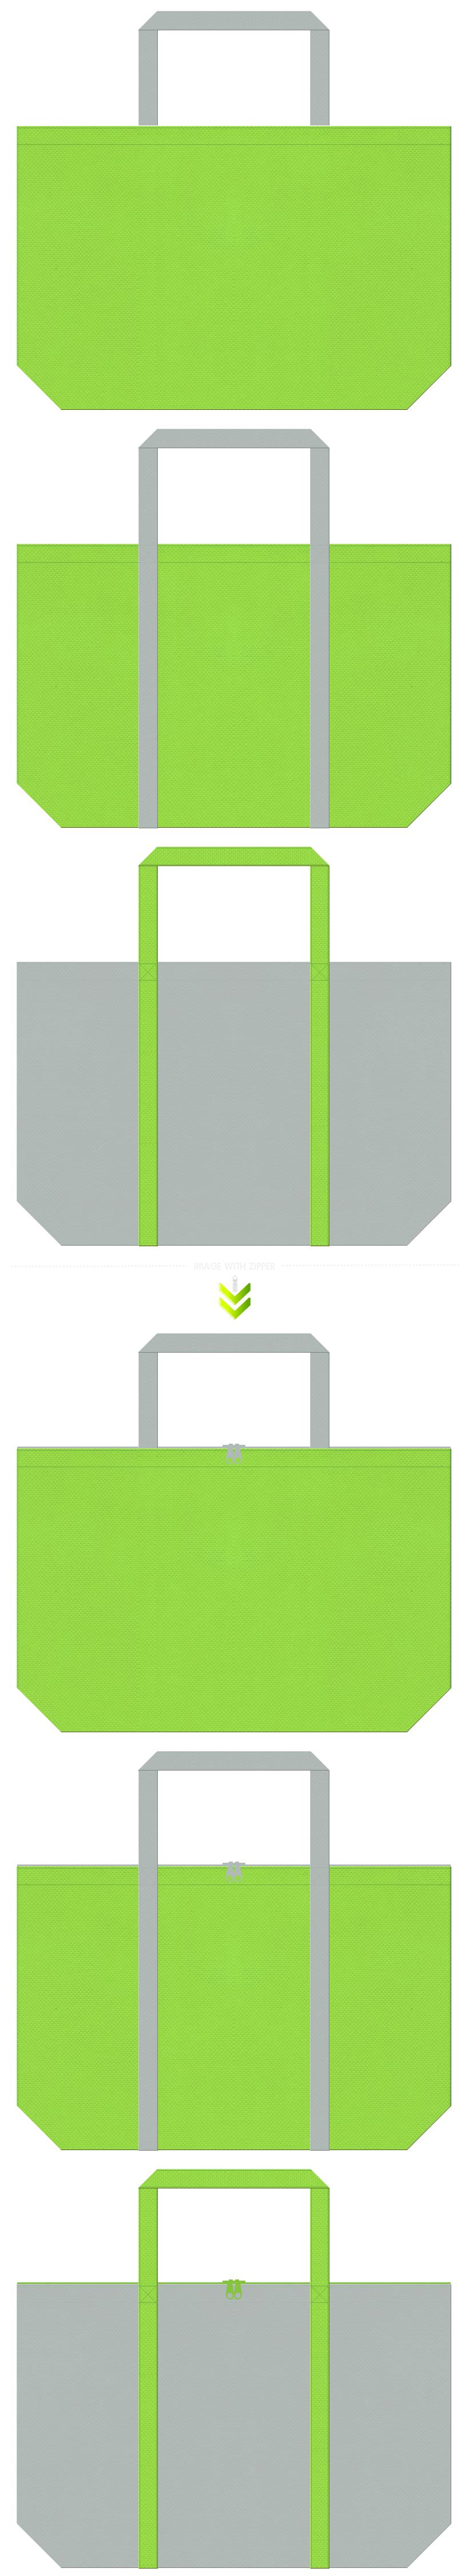 黄緑色とグレー色の不織布エコバッグのデザイン